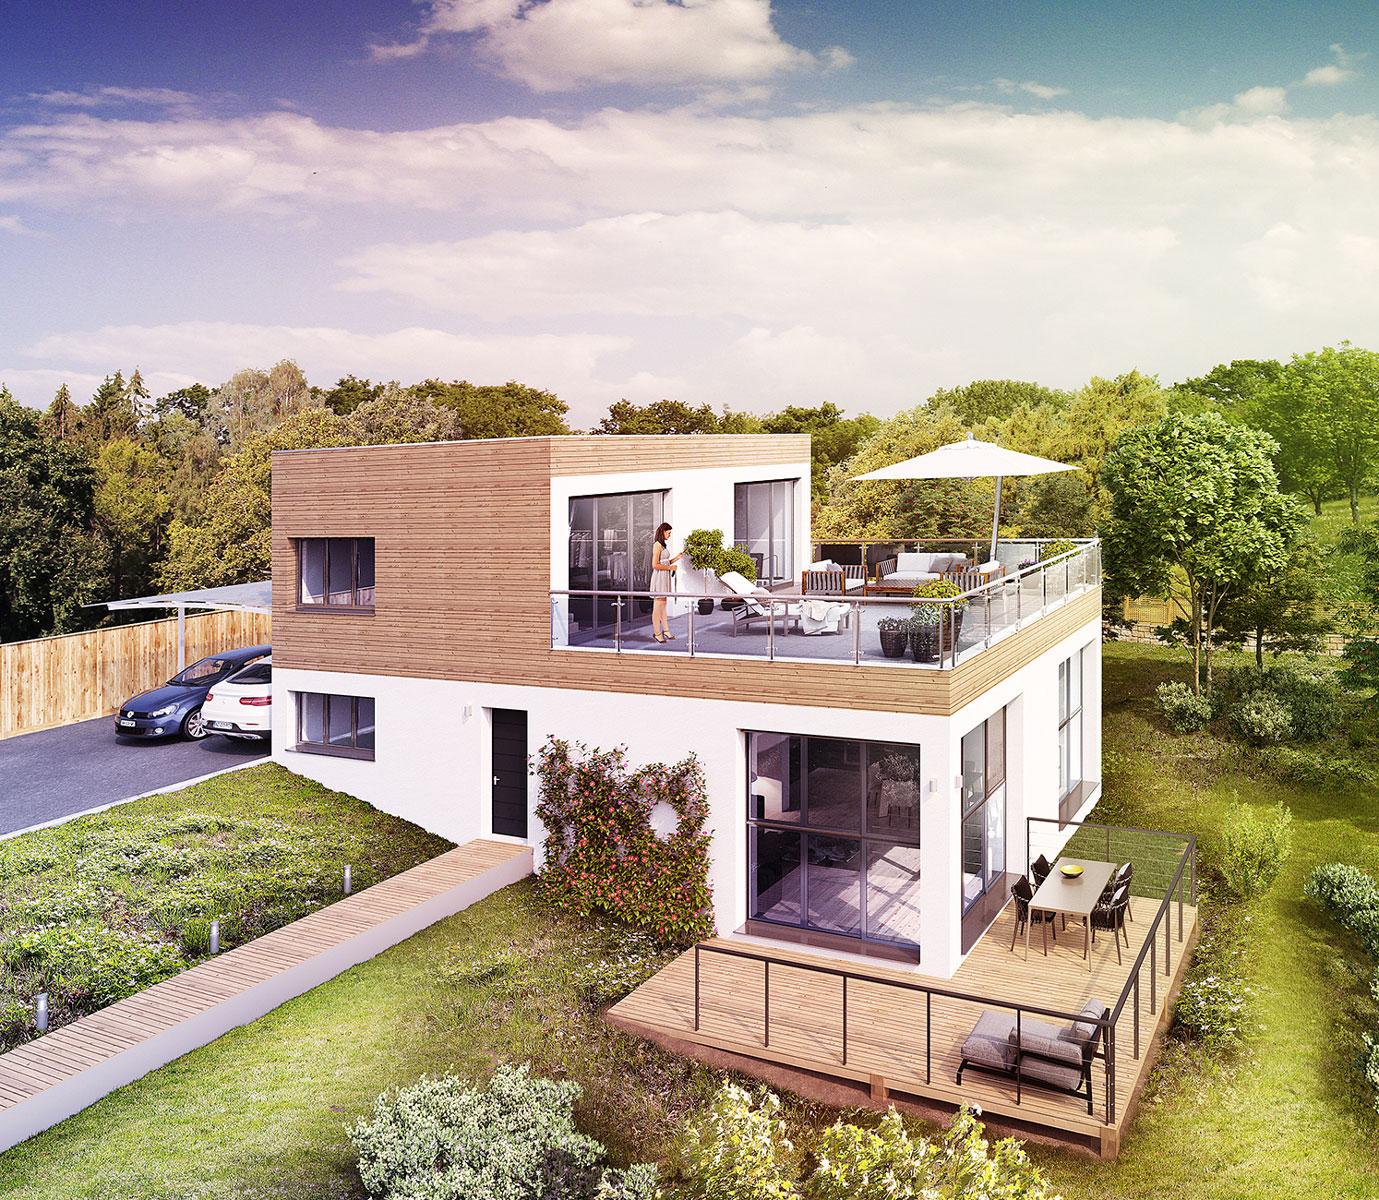 Maison intelligente, solutions énergétiques